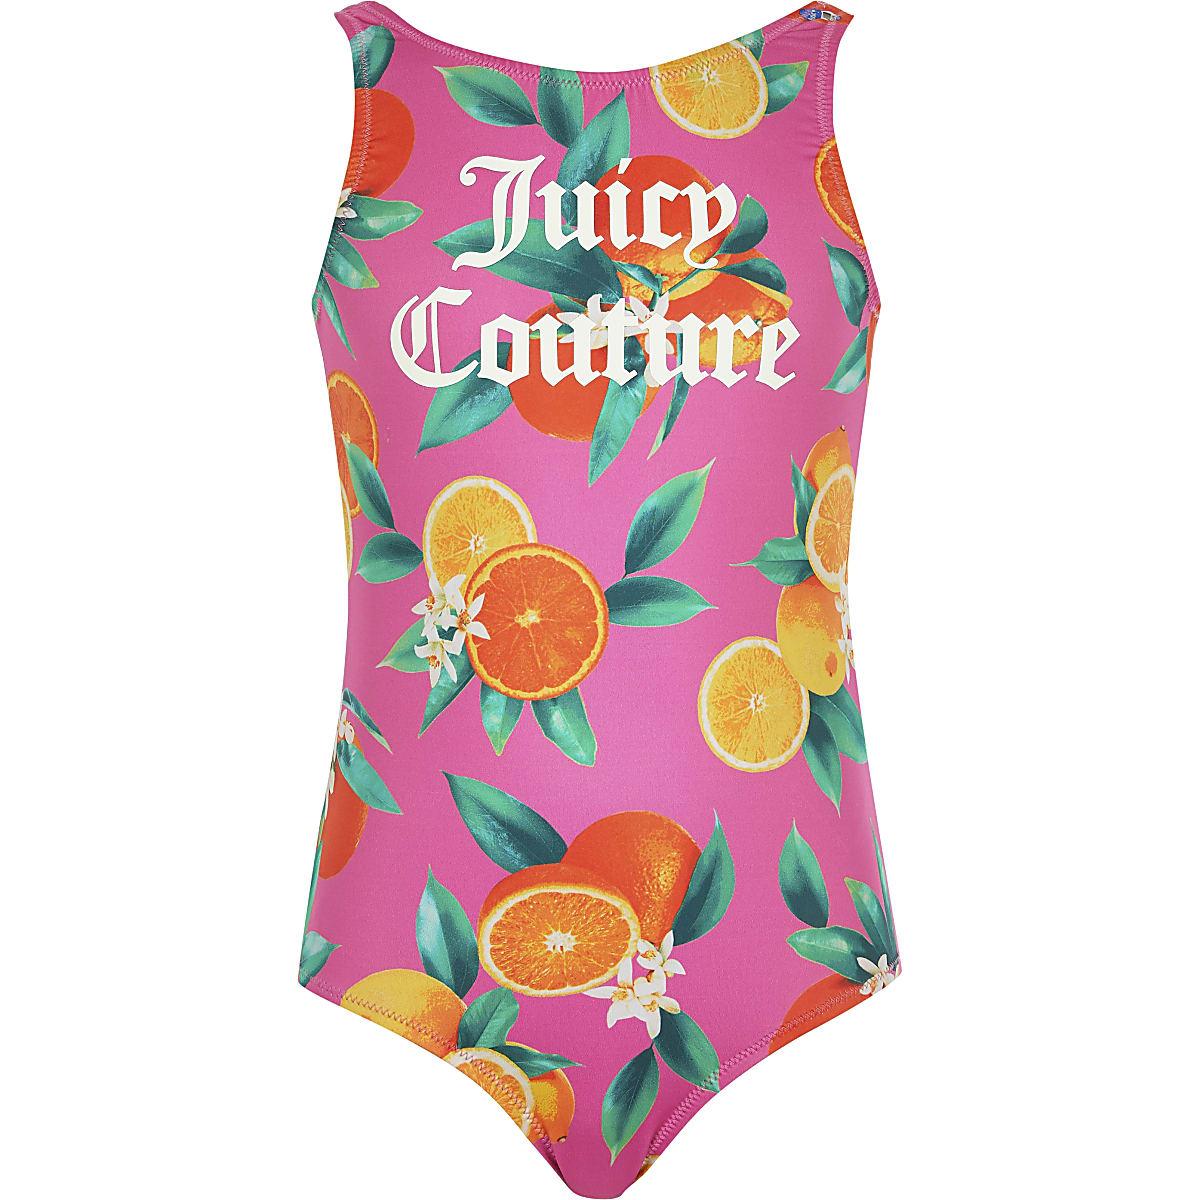 Juicy Couture - Roze zwempak met vruchtenprint voor meisjes